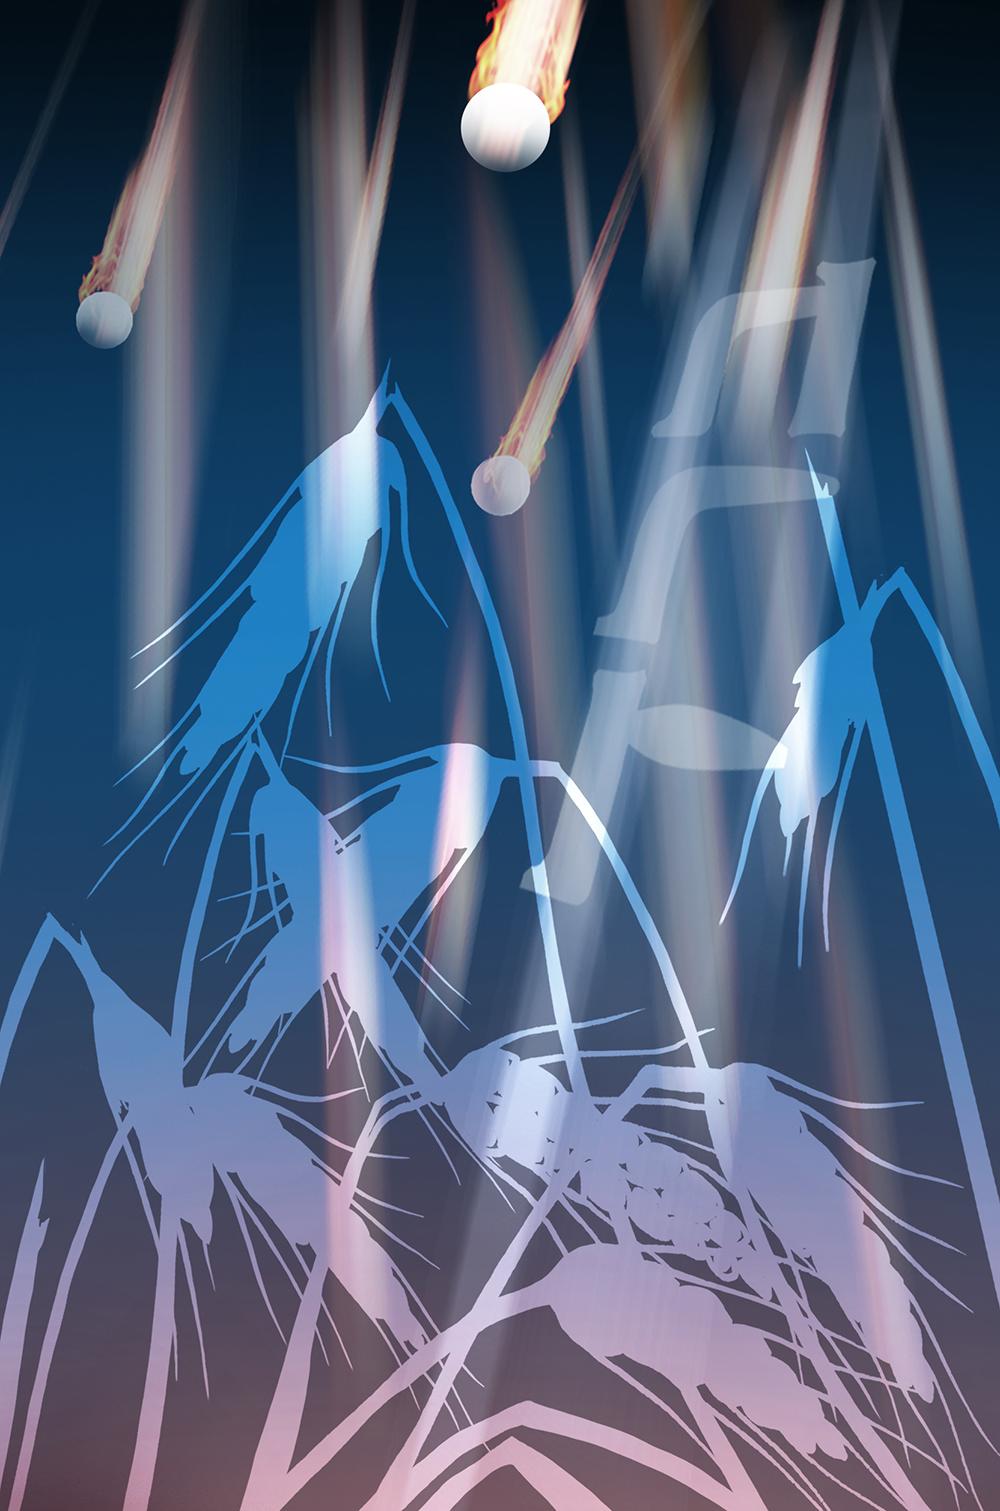 האיור של מכת ברד, פרט, תמונה ראשית